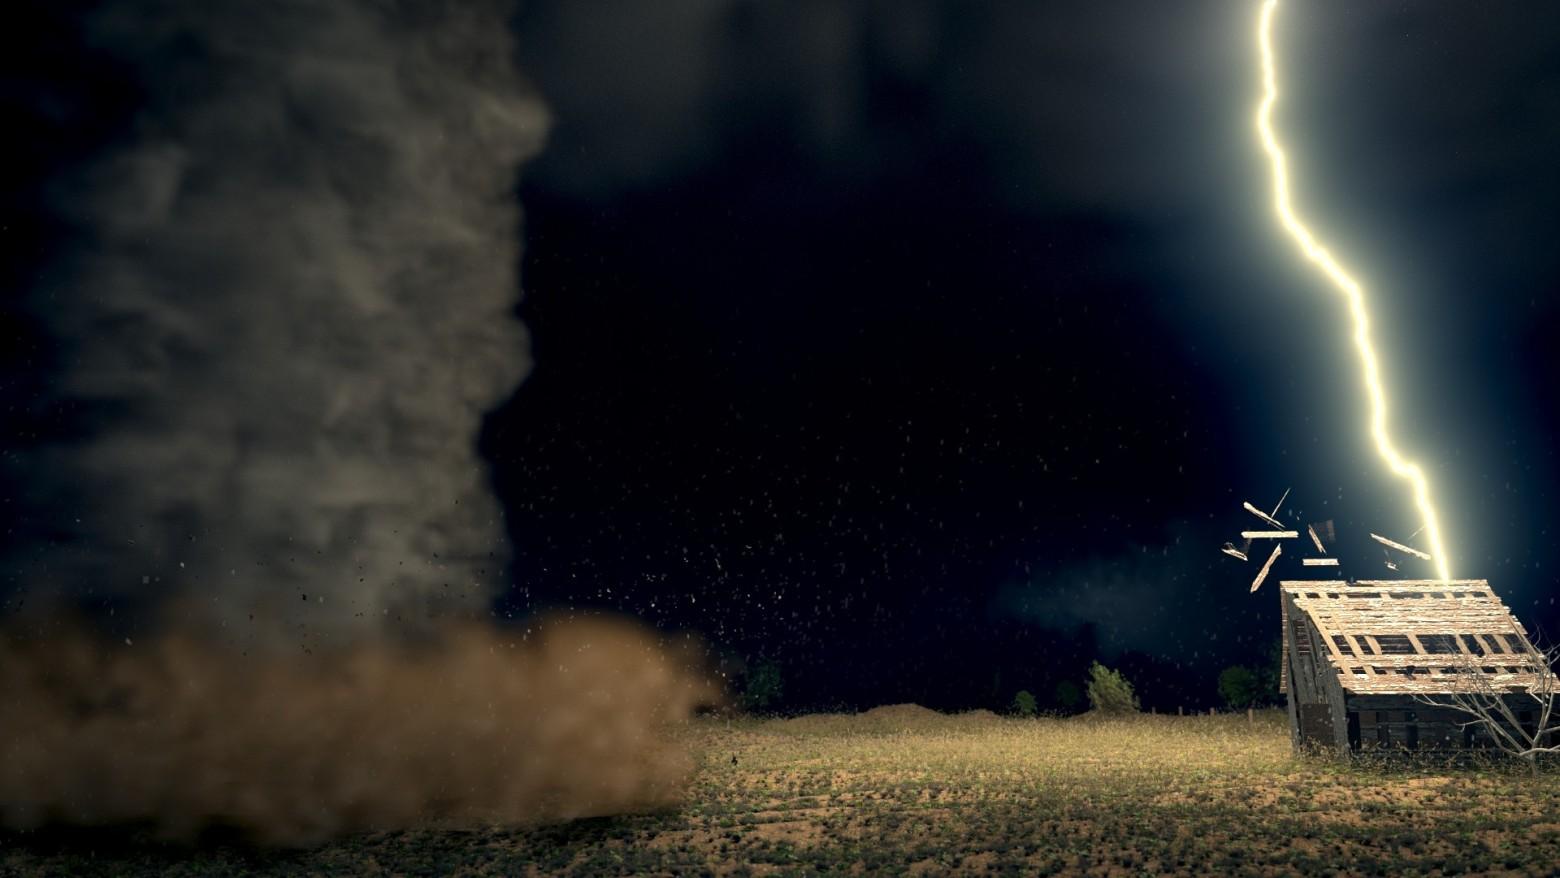 tornade-tempête-cabane-orage-éclair-catastrophe-naturelle-images-gratuites-1560x878